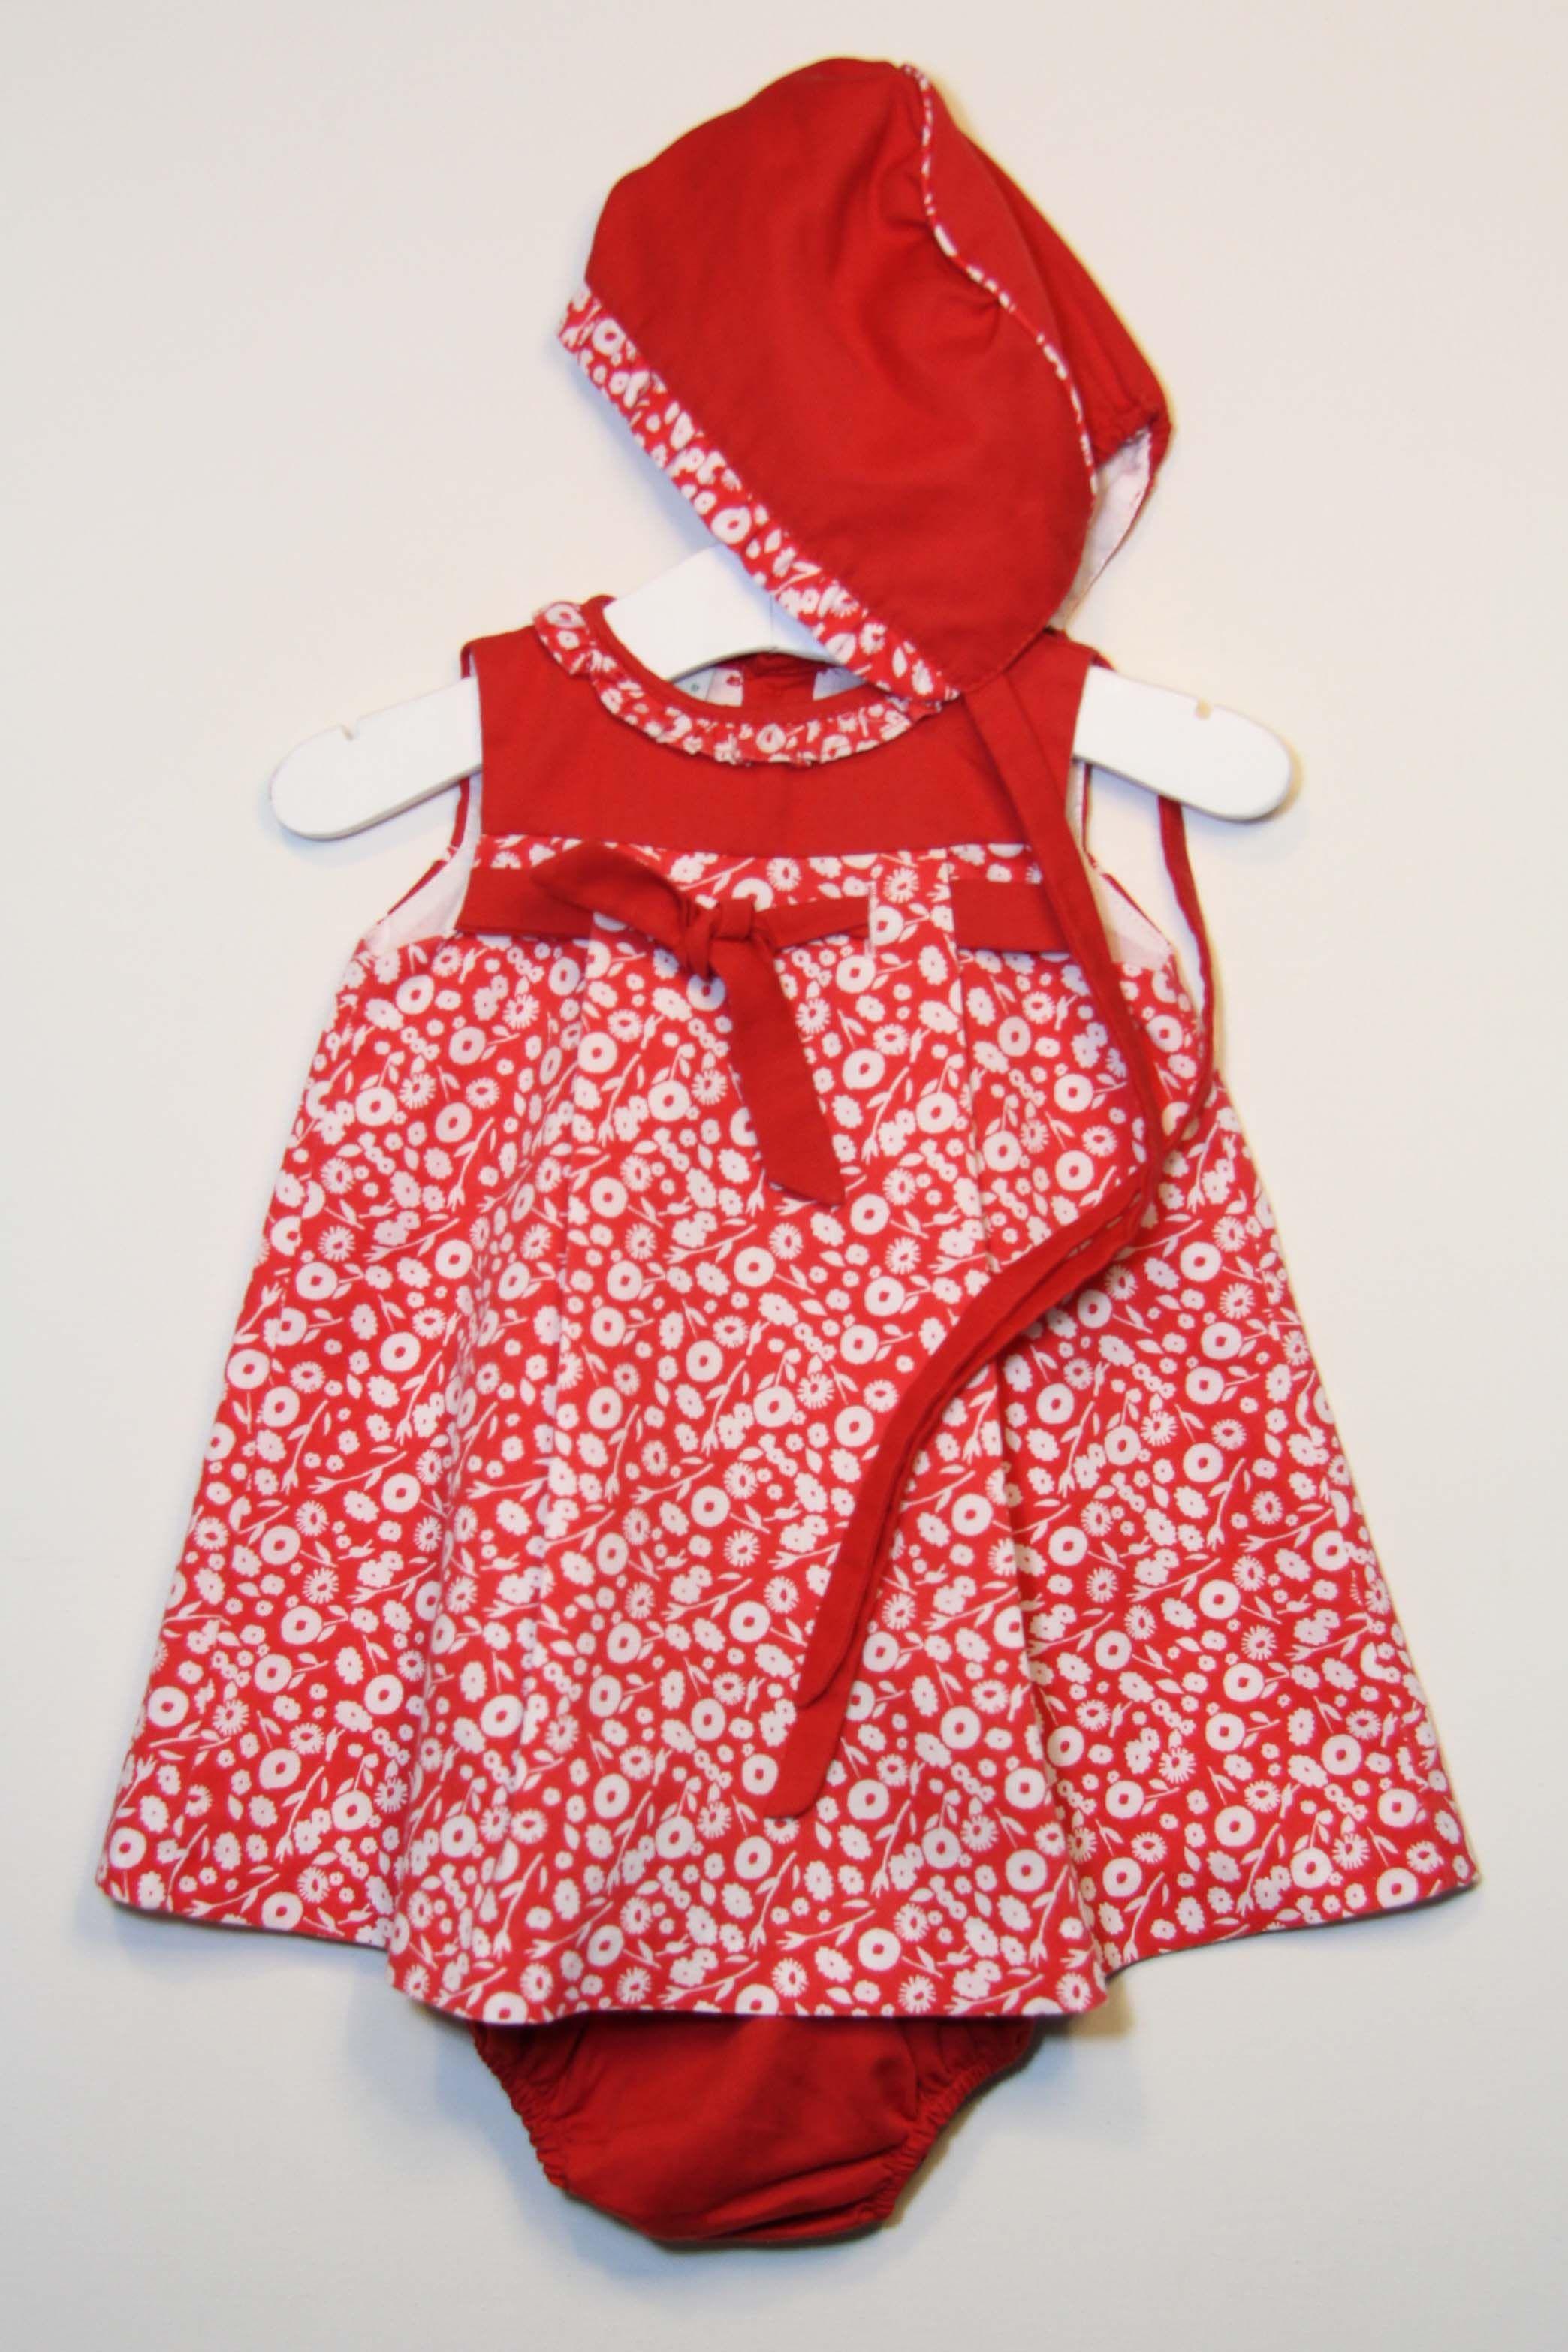 6f0c8625c Vestido 12 meses | Ropita de bebé niña | Ropa, Ropa bebe niña y ...